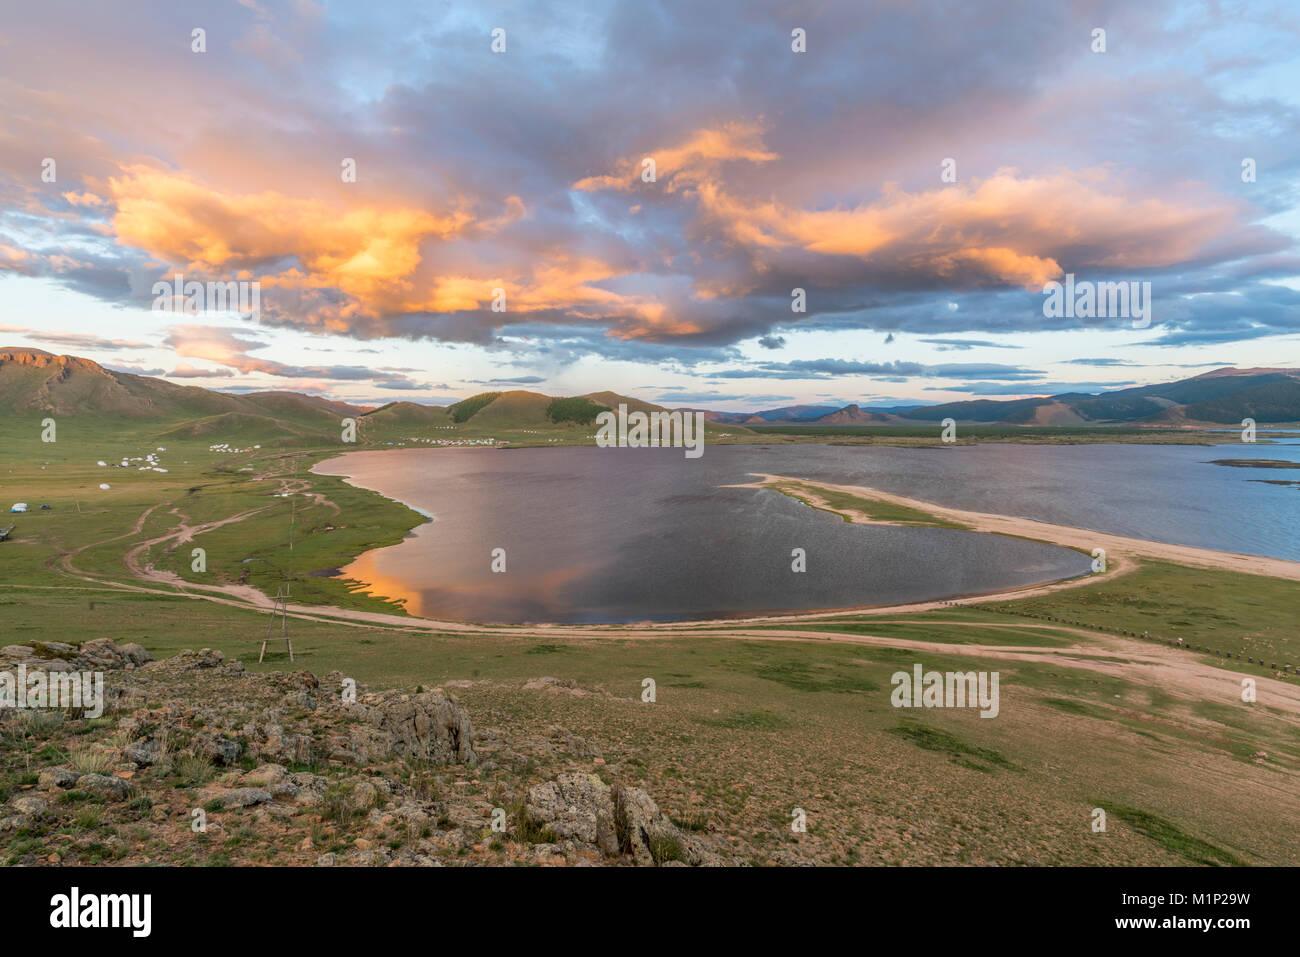 Coucher de soleil sur le lac White, crétariat district, province Nord Hangay, Mongolie, Asie centrale, Asie Photo Stock